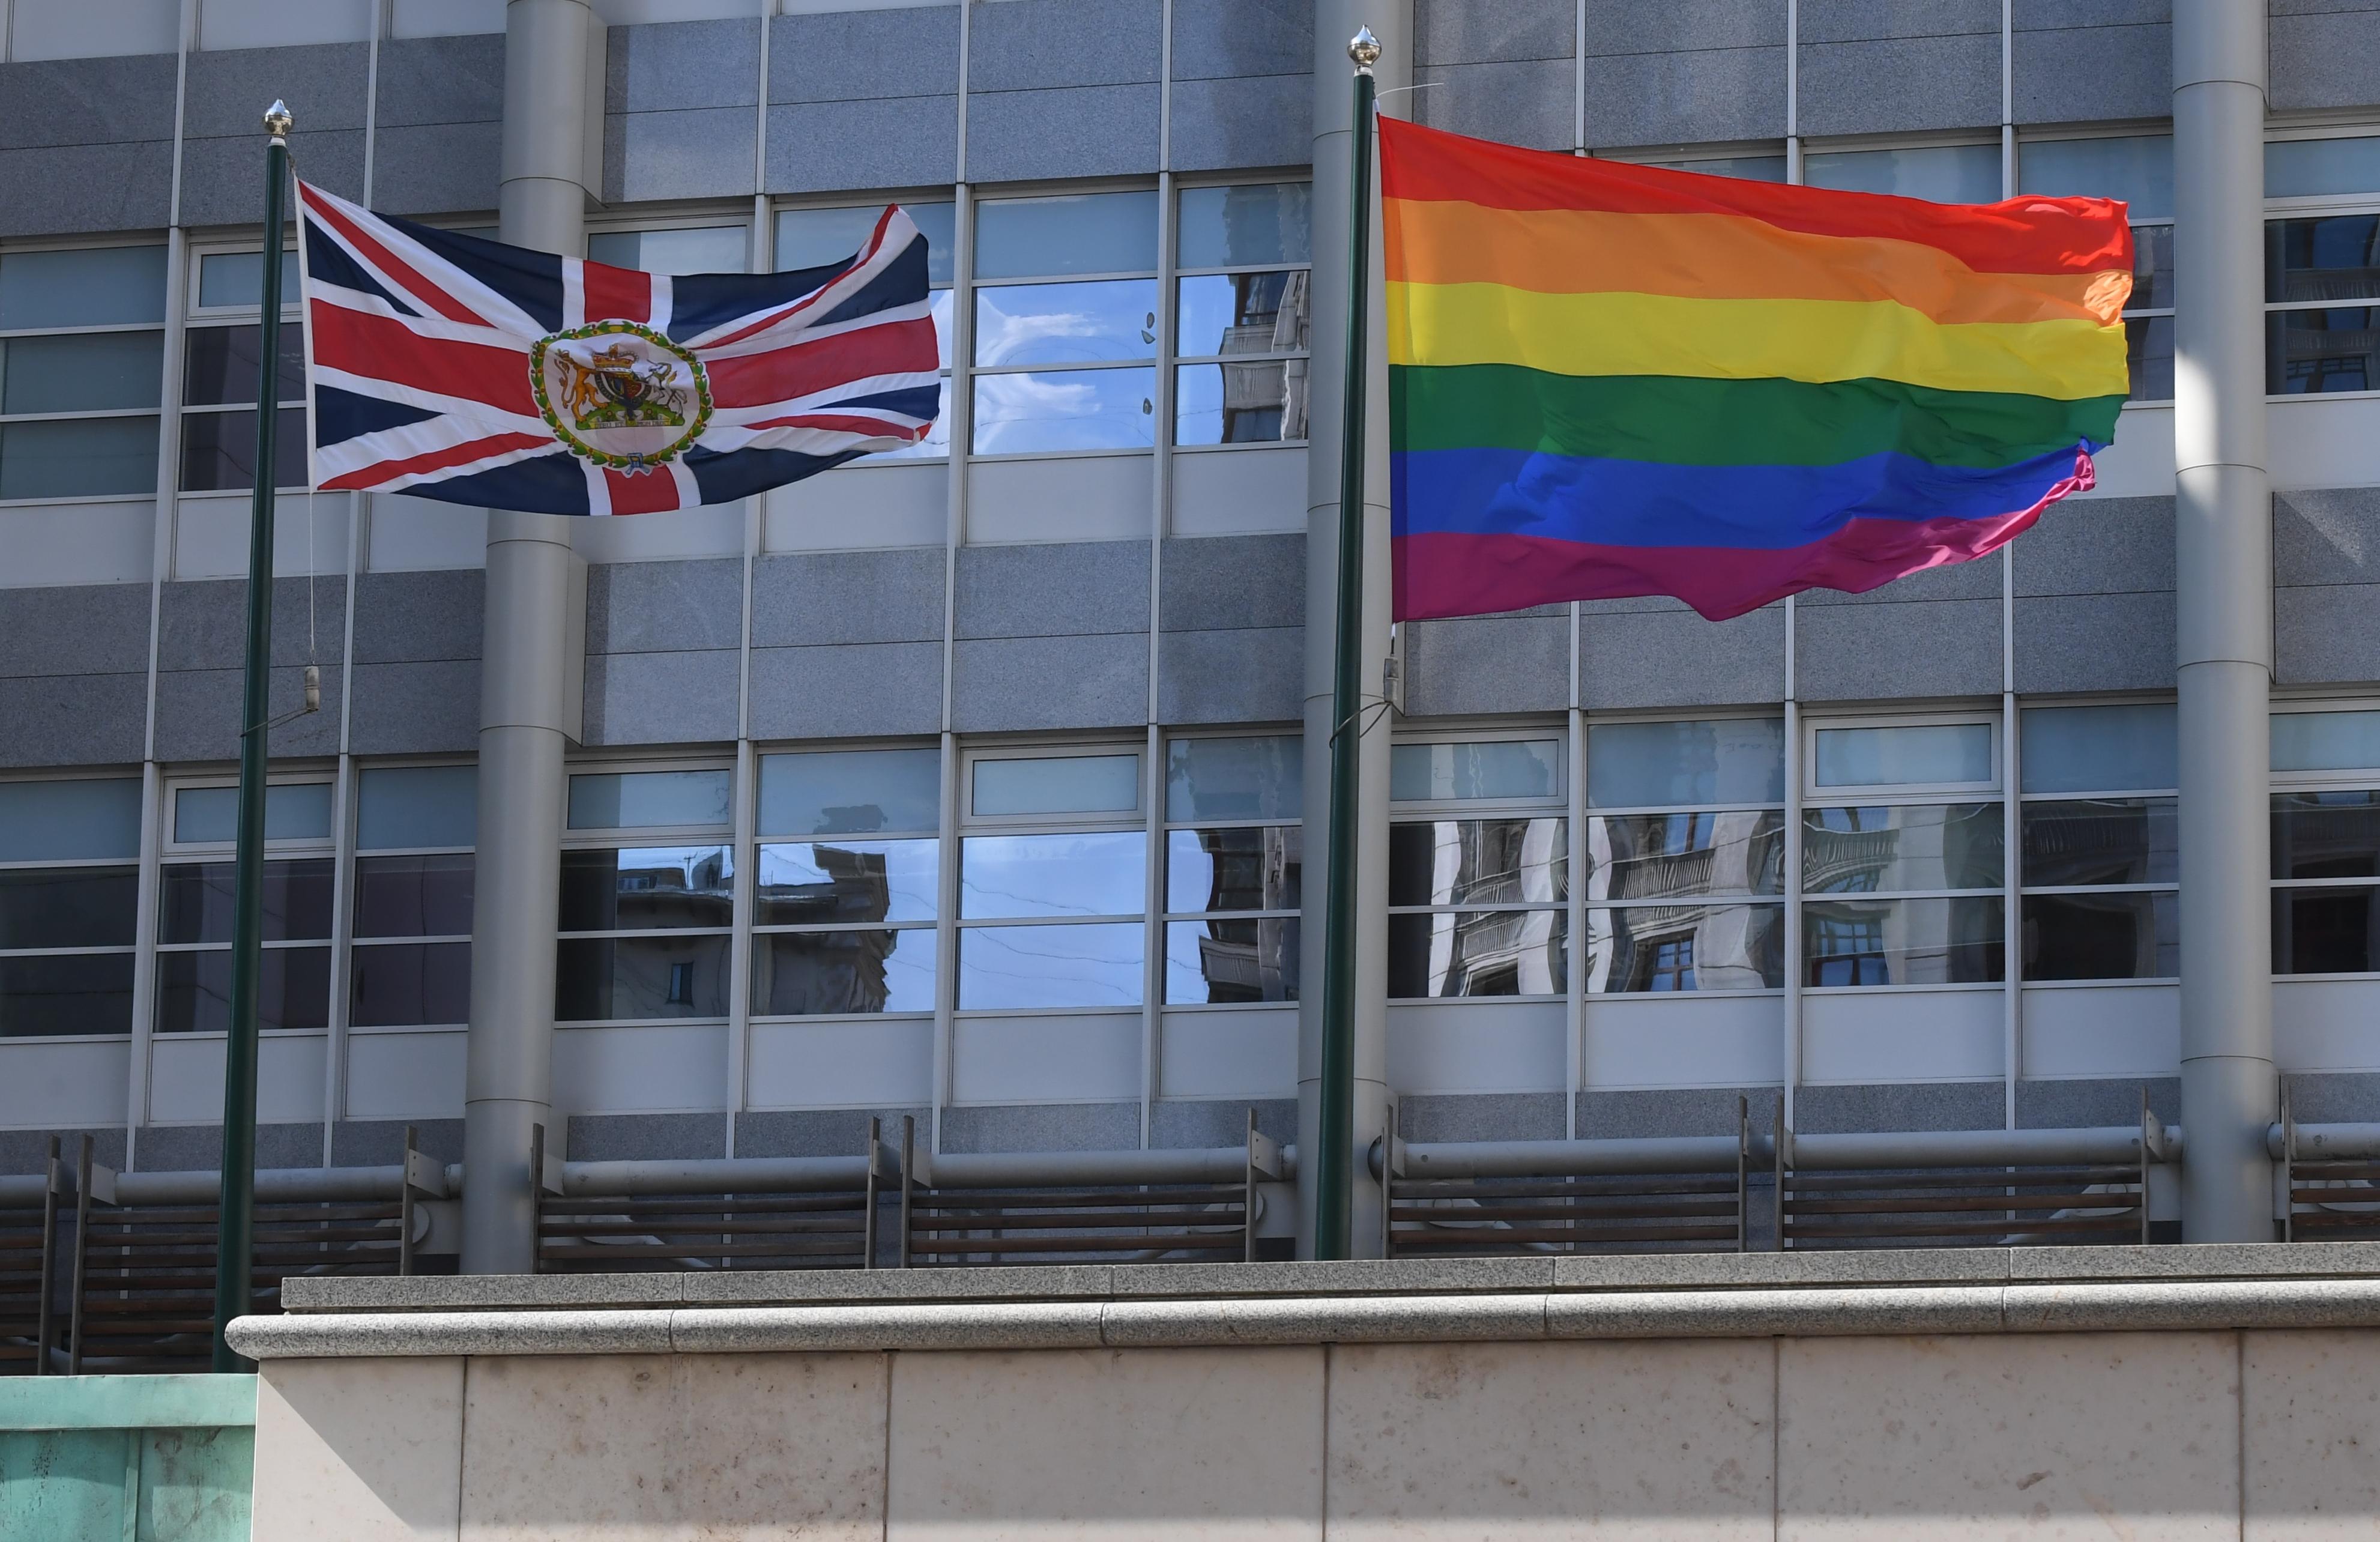 Moszkva tiltakozik, amiért három nagykövetség is kitűzte a szivárványos zászlót